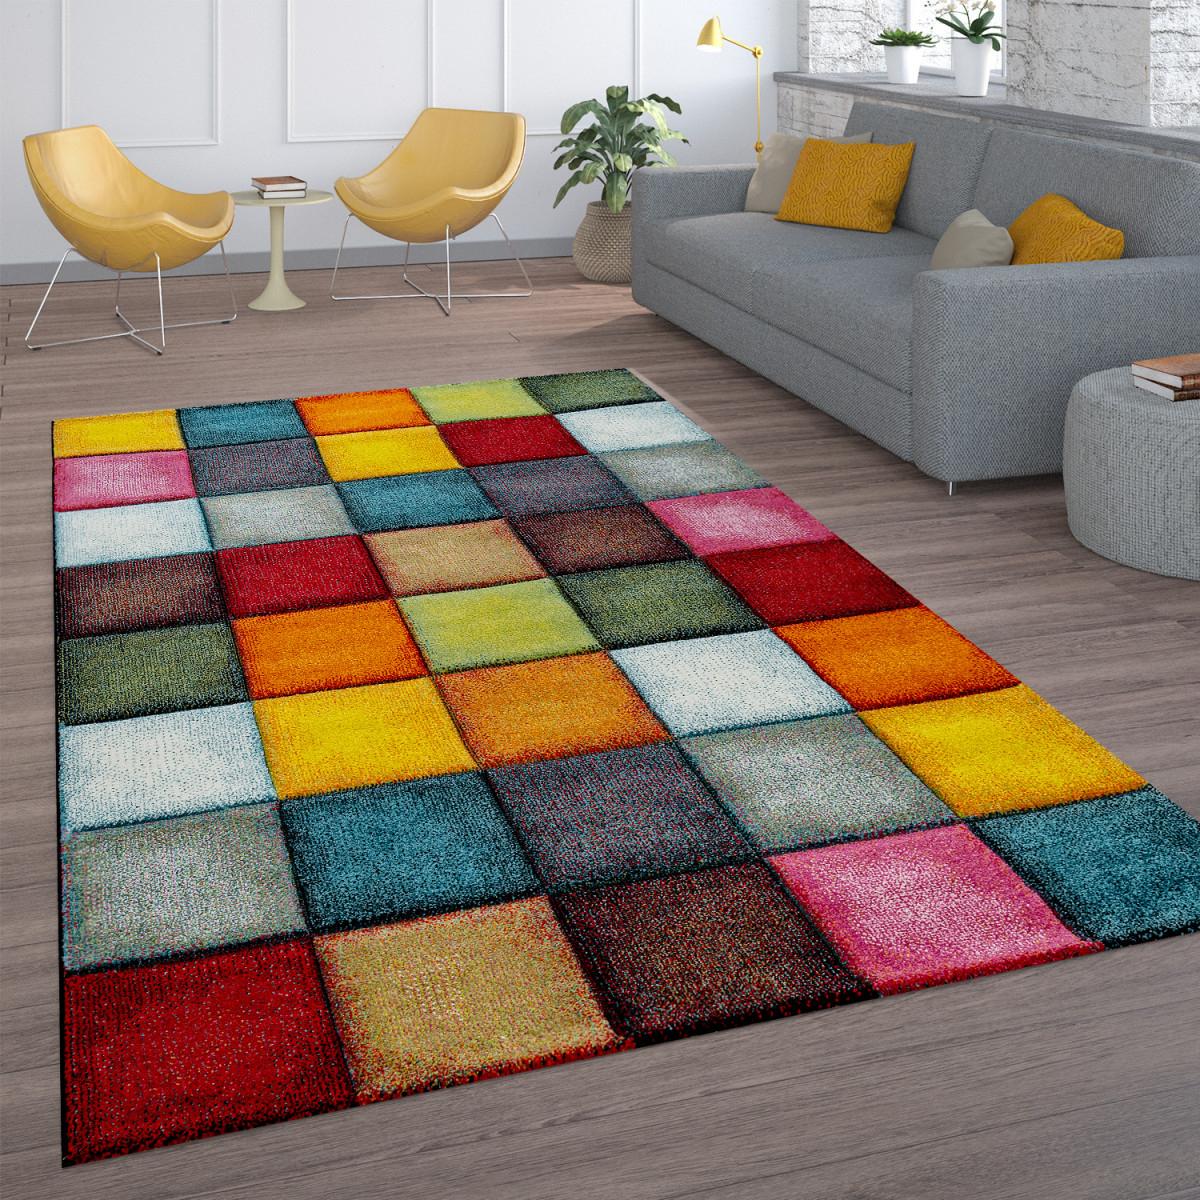 Details Zu Kurzflor Wohnzimmer Teppich Bunt Karo Design Vierecke Mehrfarbig  Farbenfroh von Teppich Vorleger Wohnzimmer Photo